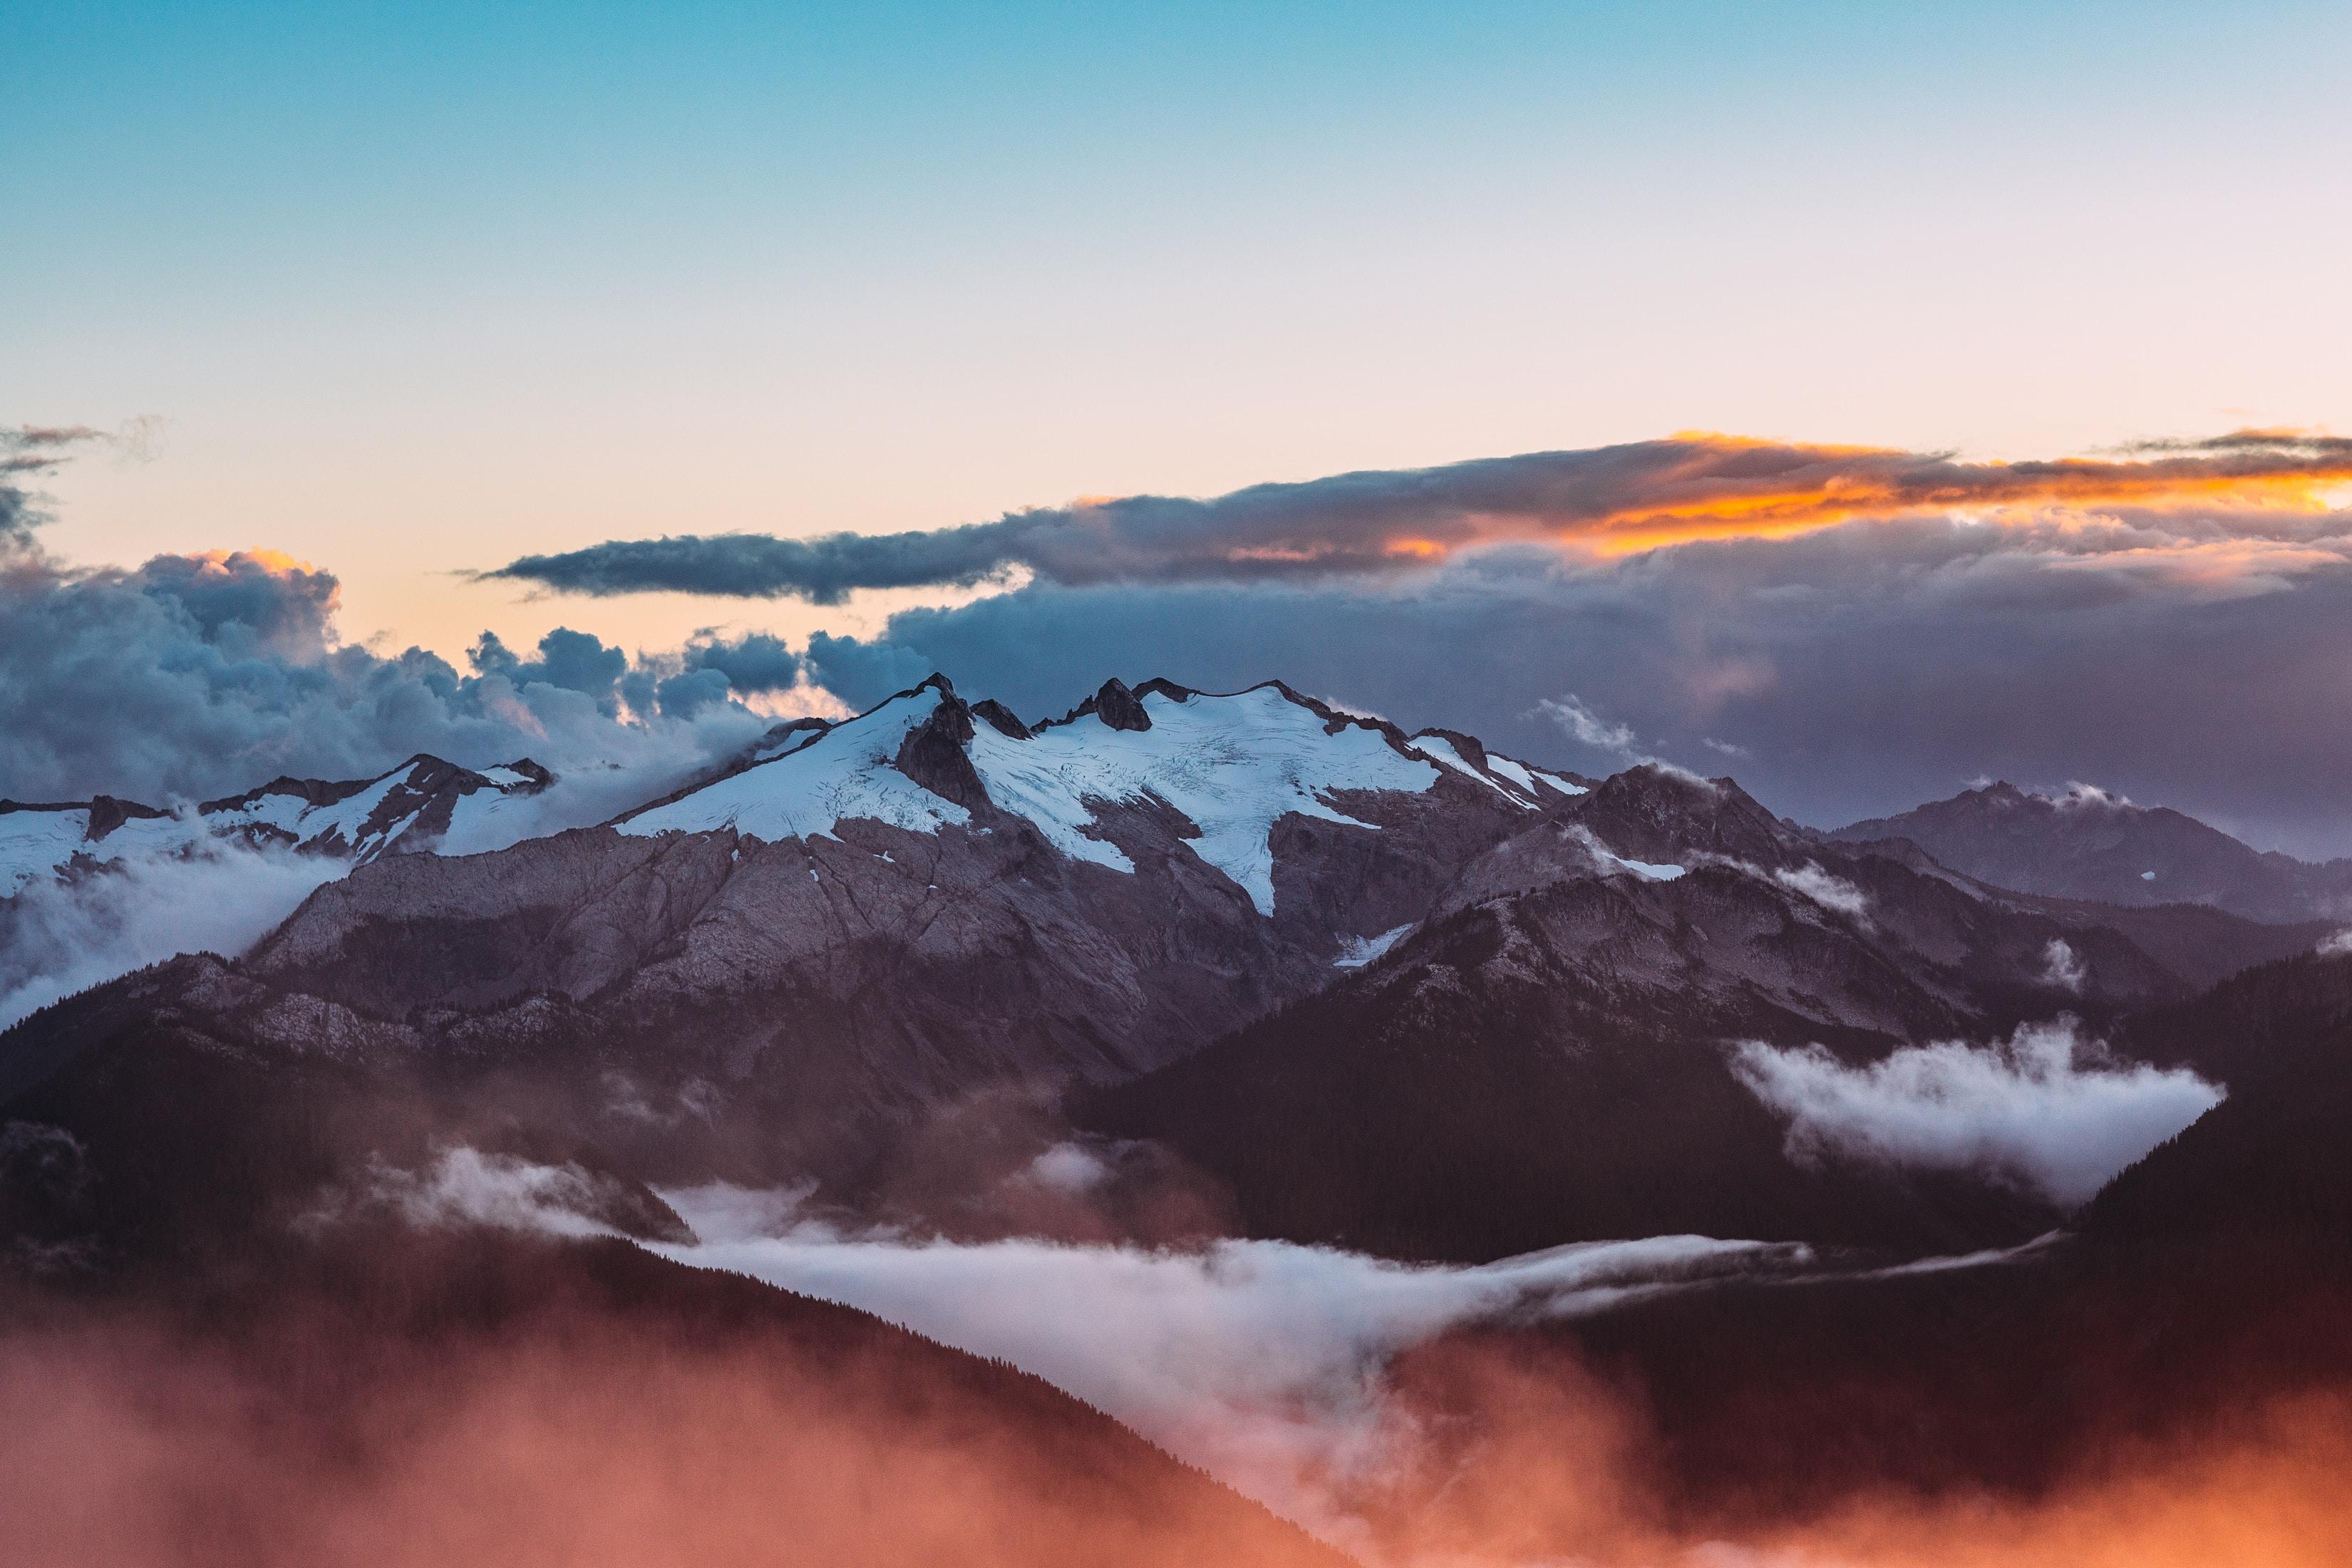 61785 Hintergrundbild 1024x768 kostenlos auf deinem Handy, lade Bilder Landschaft, Natur, Mountains, Clouds, Schneebedeckt, Snowbound, Gebirge, Bergkette 1024x768 auf dein Handy herunter